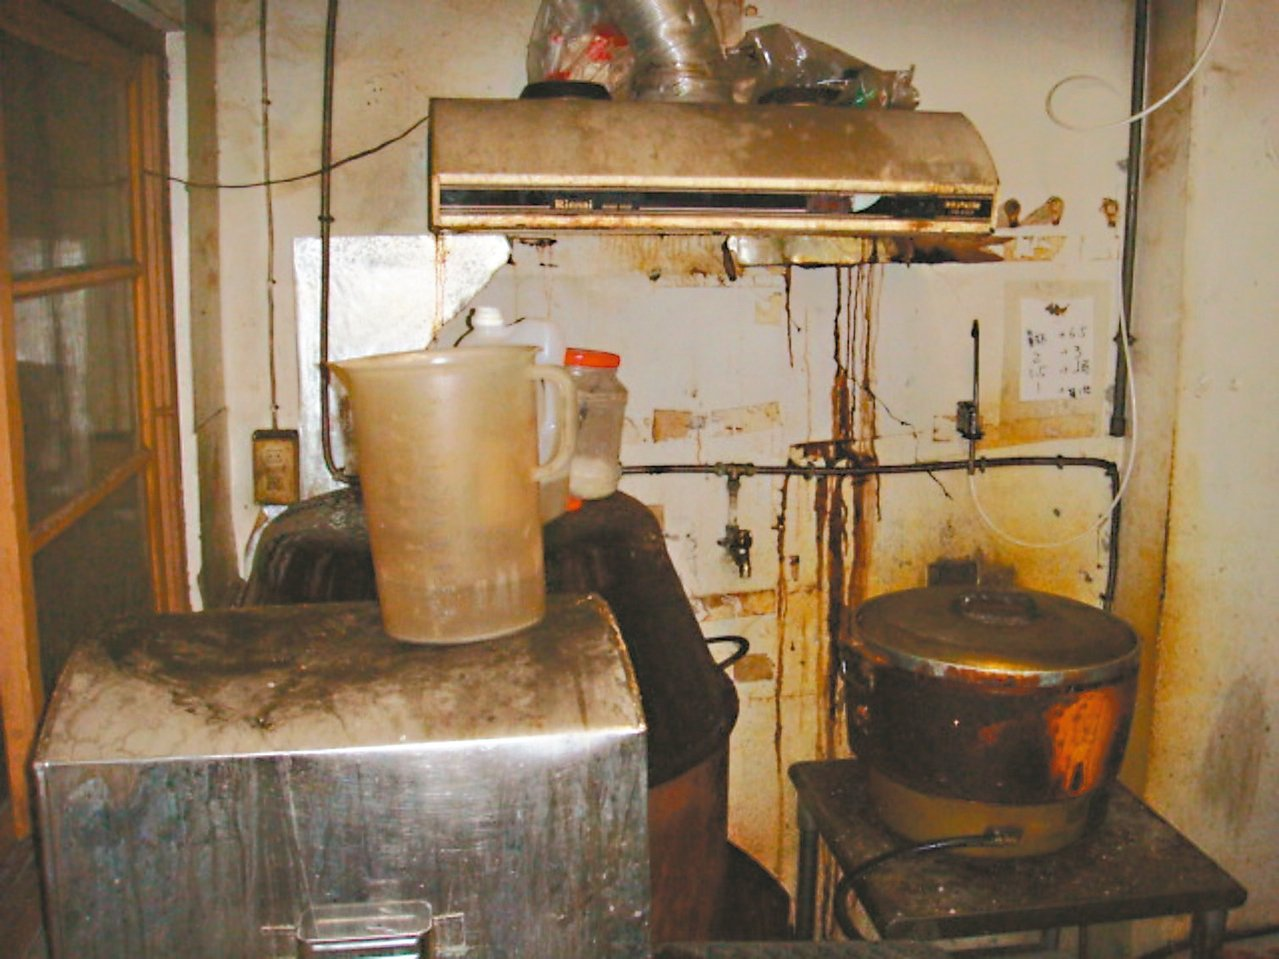 行政院消保處首度抽查國內線上送餐餐飲業者,發現不合格率達八成,廚房大量蟑螂亂竄。...